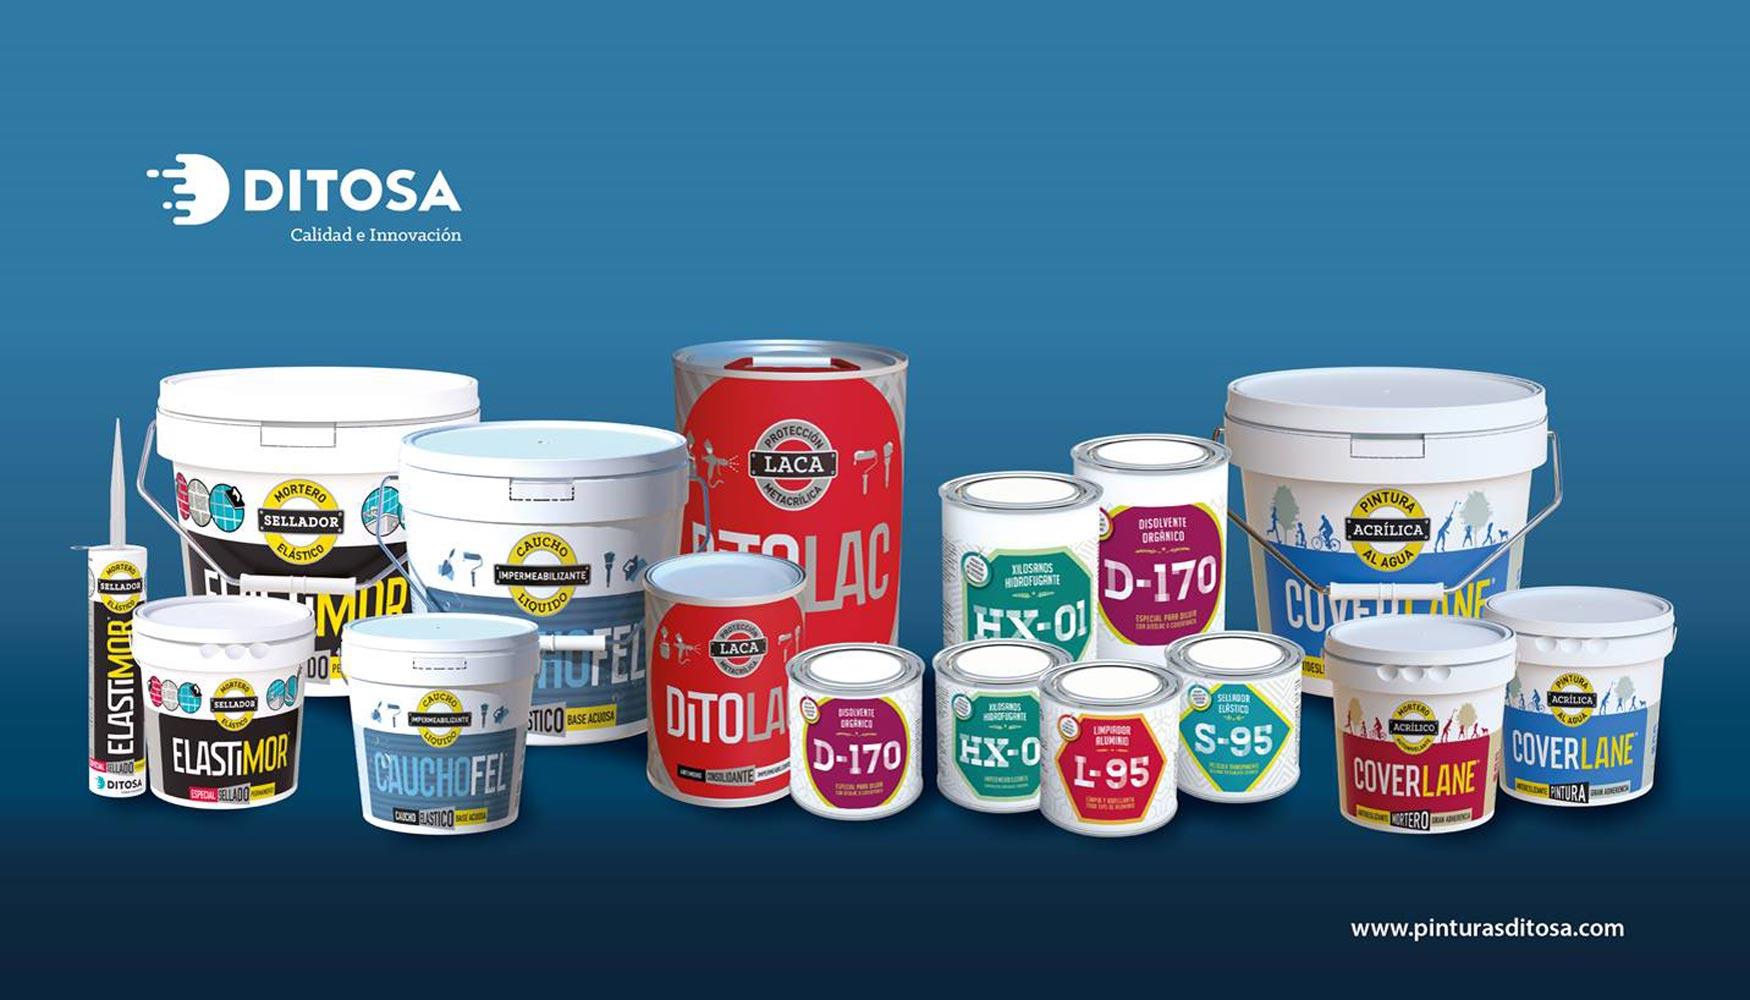 La familia de productos Ditosa